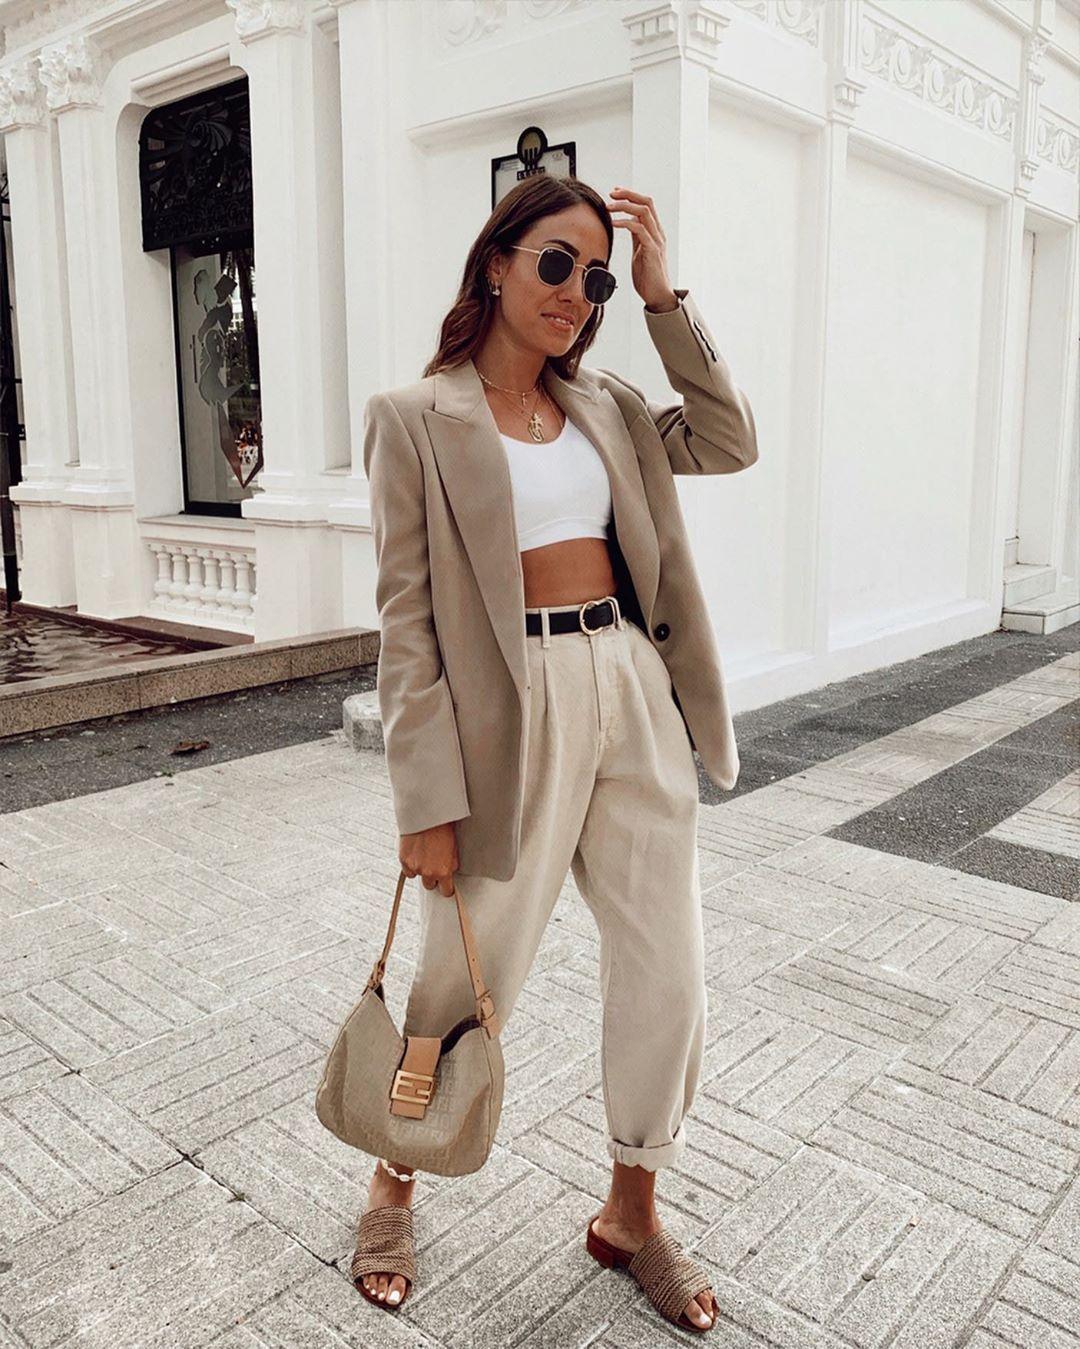 Ponovno Stariji Lako Se Dogoditi Pantalon Marron Mujer Zara Herbandedi Org